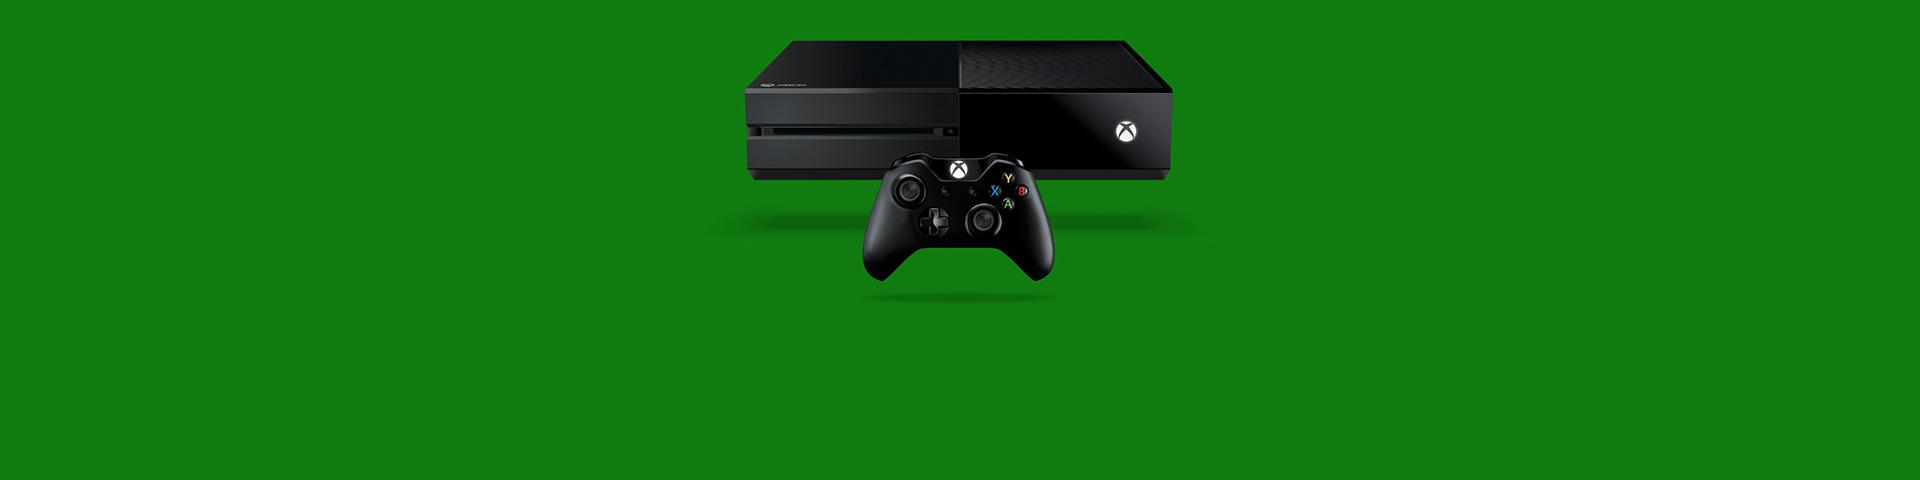 Xbox One 本体とコントローラー、最新の本体を購入する